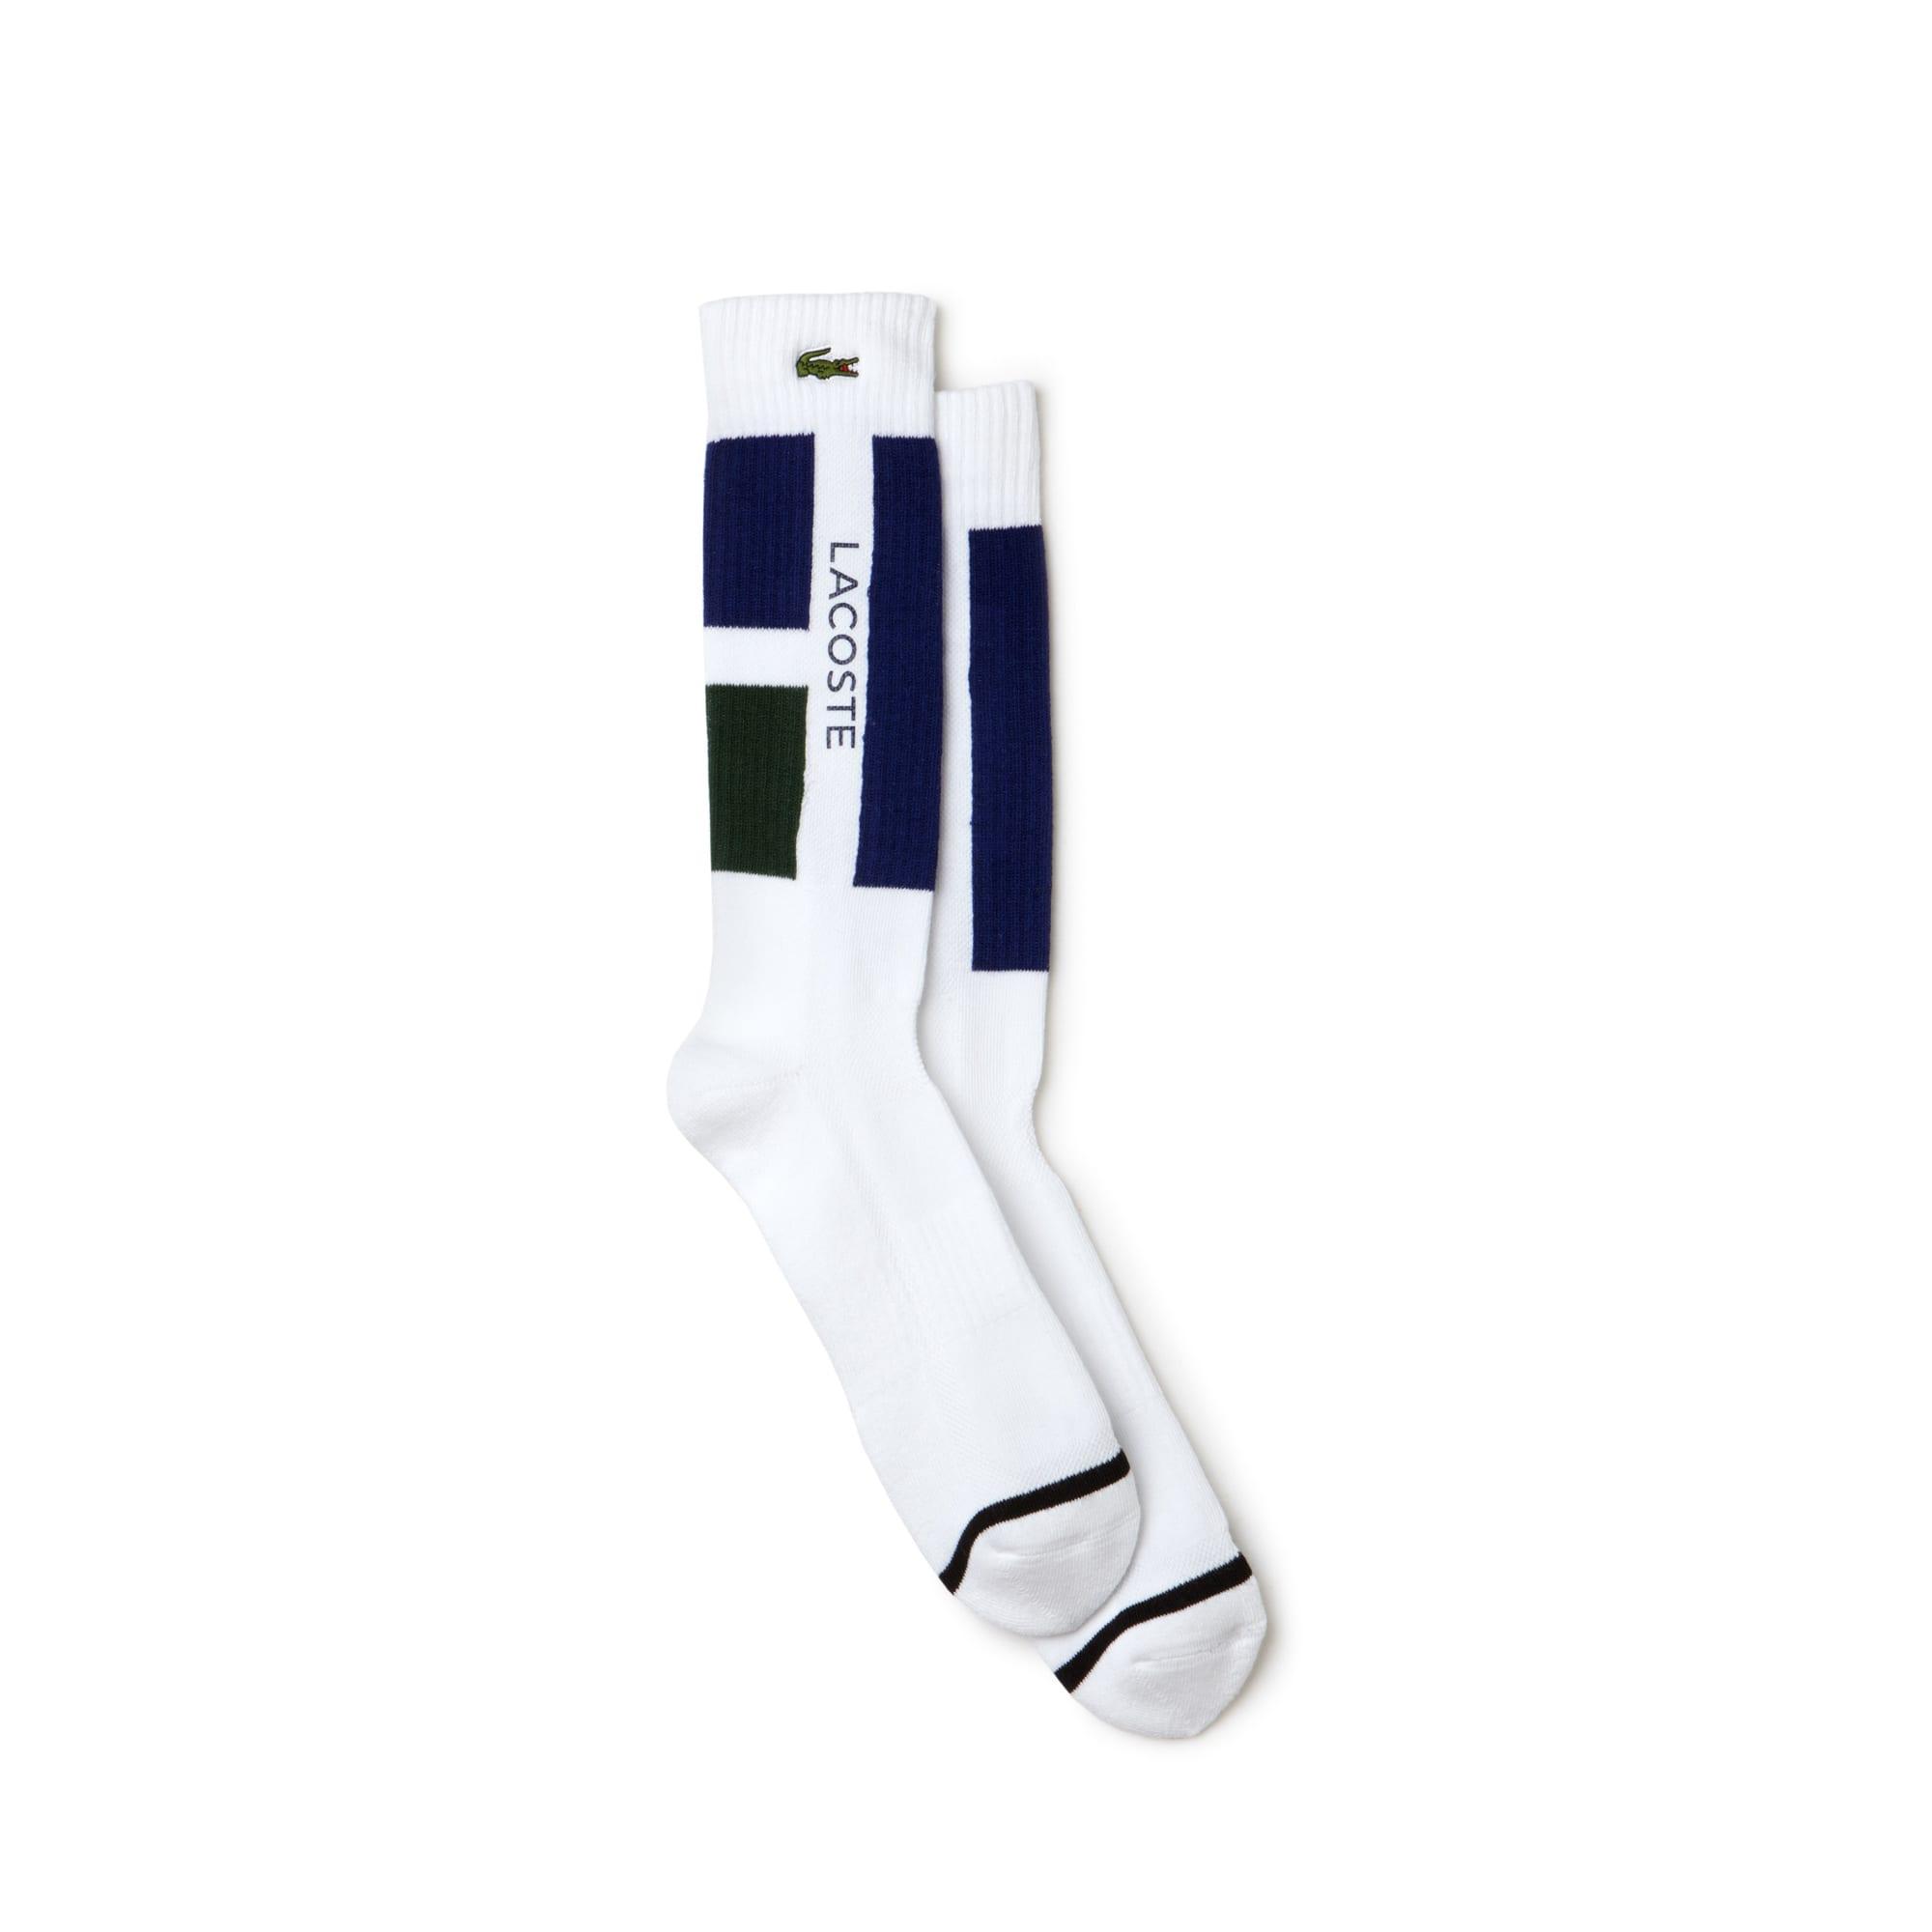 Men's Lacoste SPORT Tennis Colorblock Jersey Socks